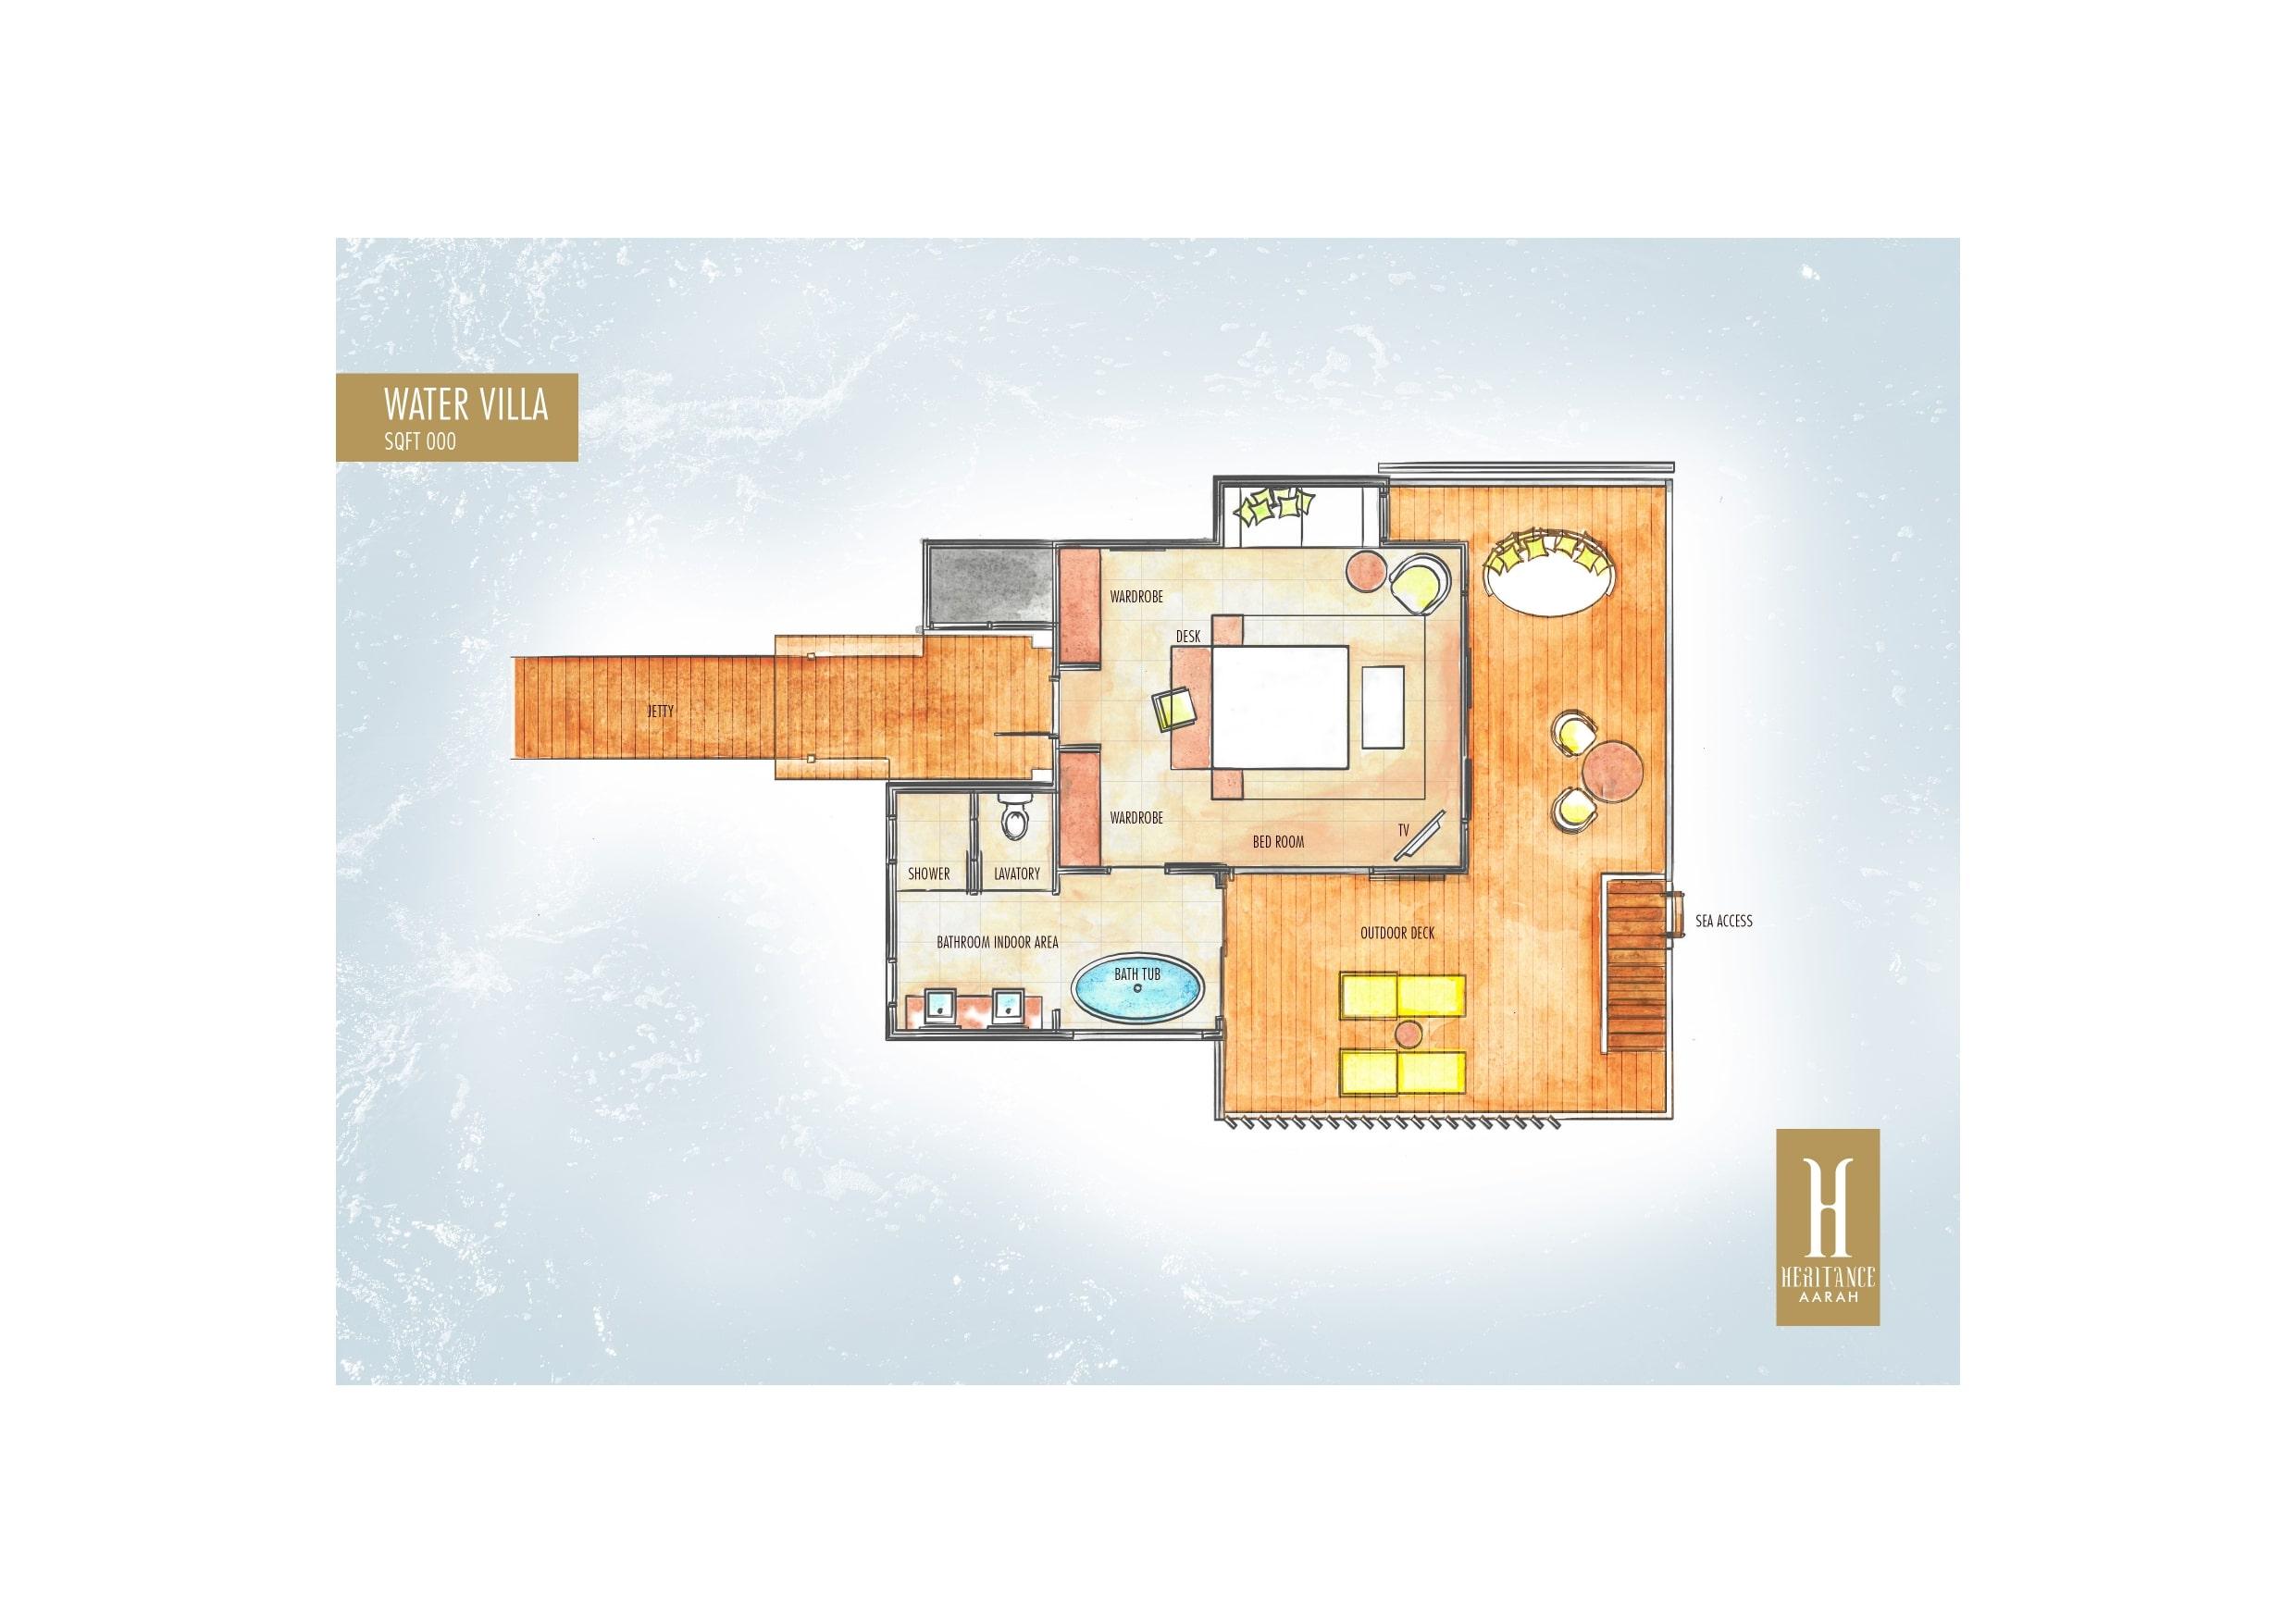 Мальдивы, отель Heritance Aarah, план-схема номера Ocean Villa